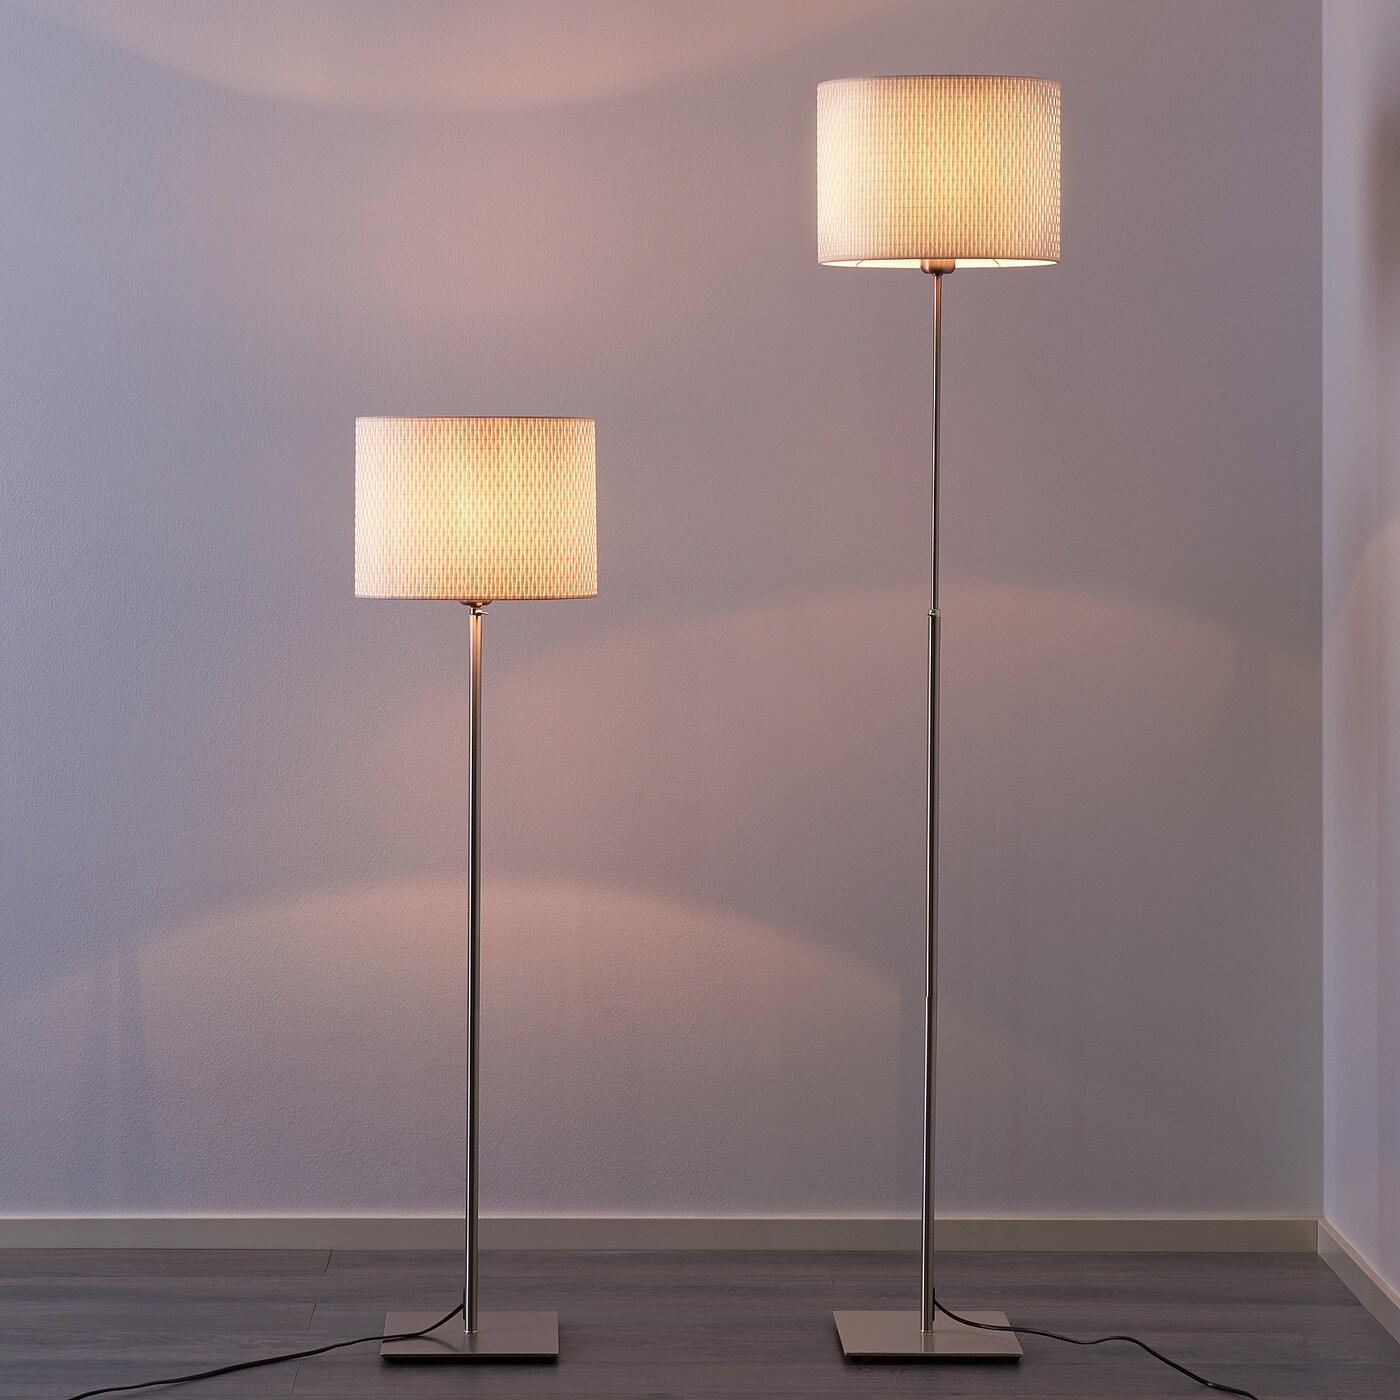 IKEA ALÄNG Standleuchte in weiß; vernickelt Stehleuchte Stehlampe Beleuchtung